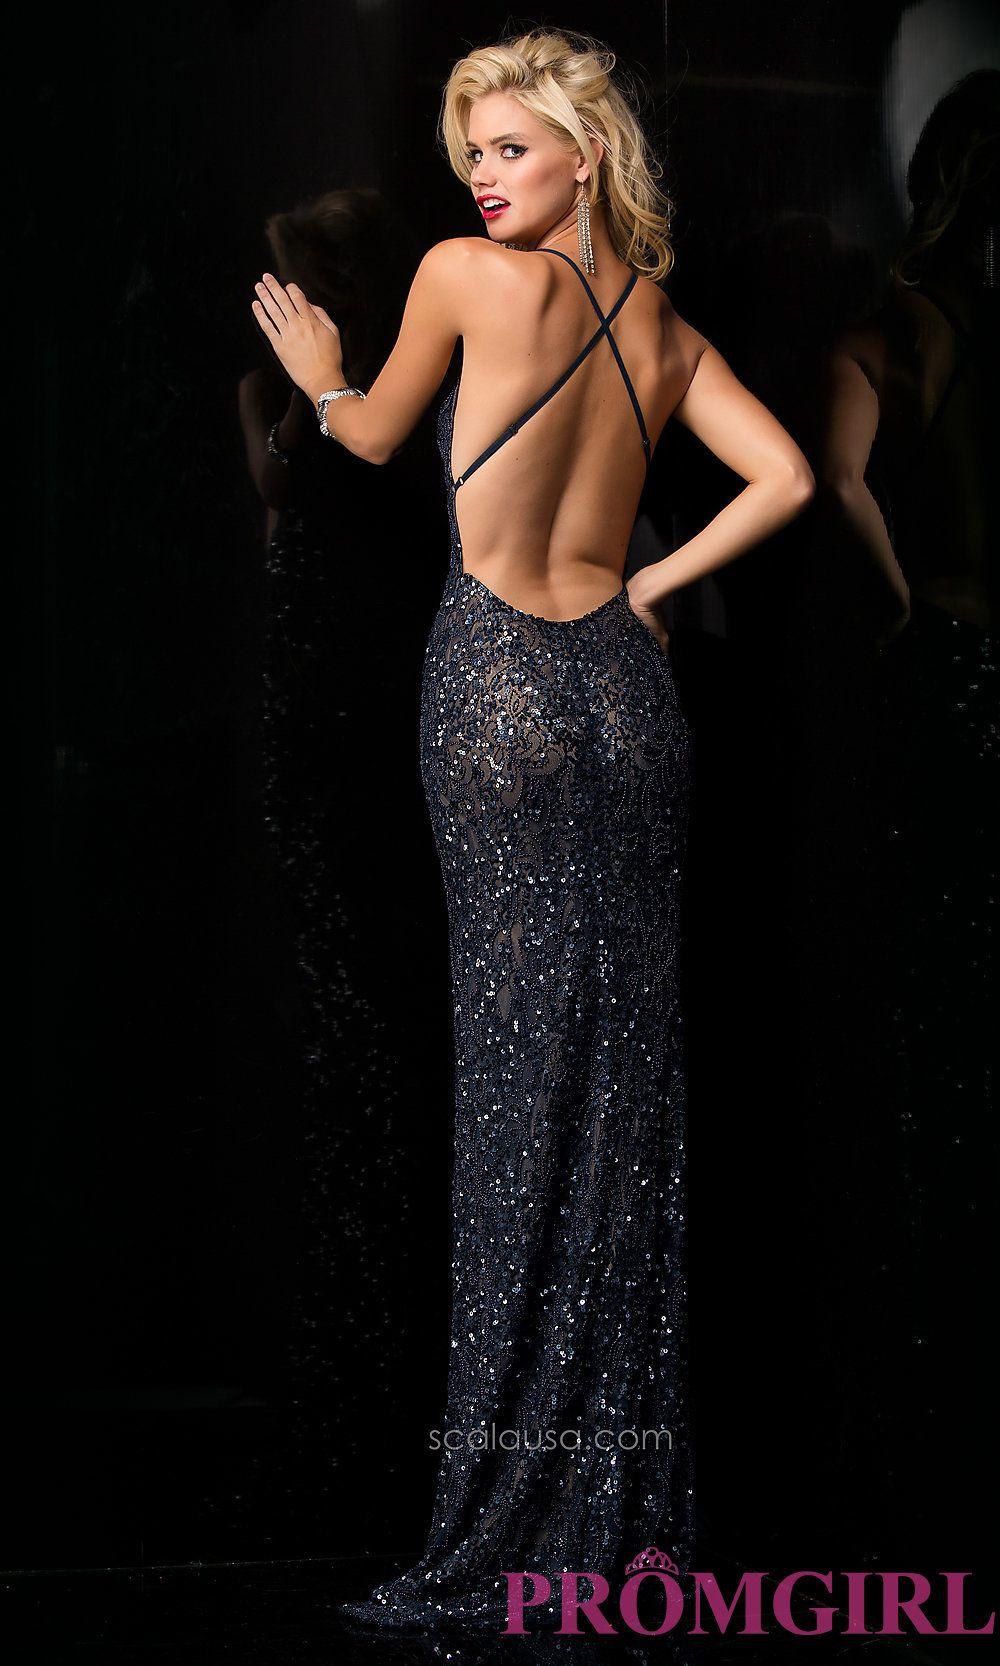 Long prom dress style scala back image prahm pinterest